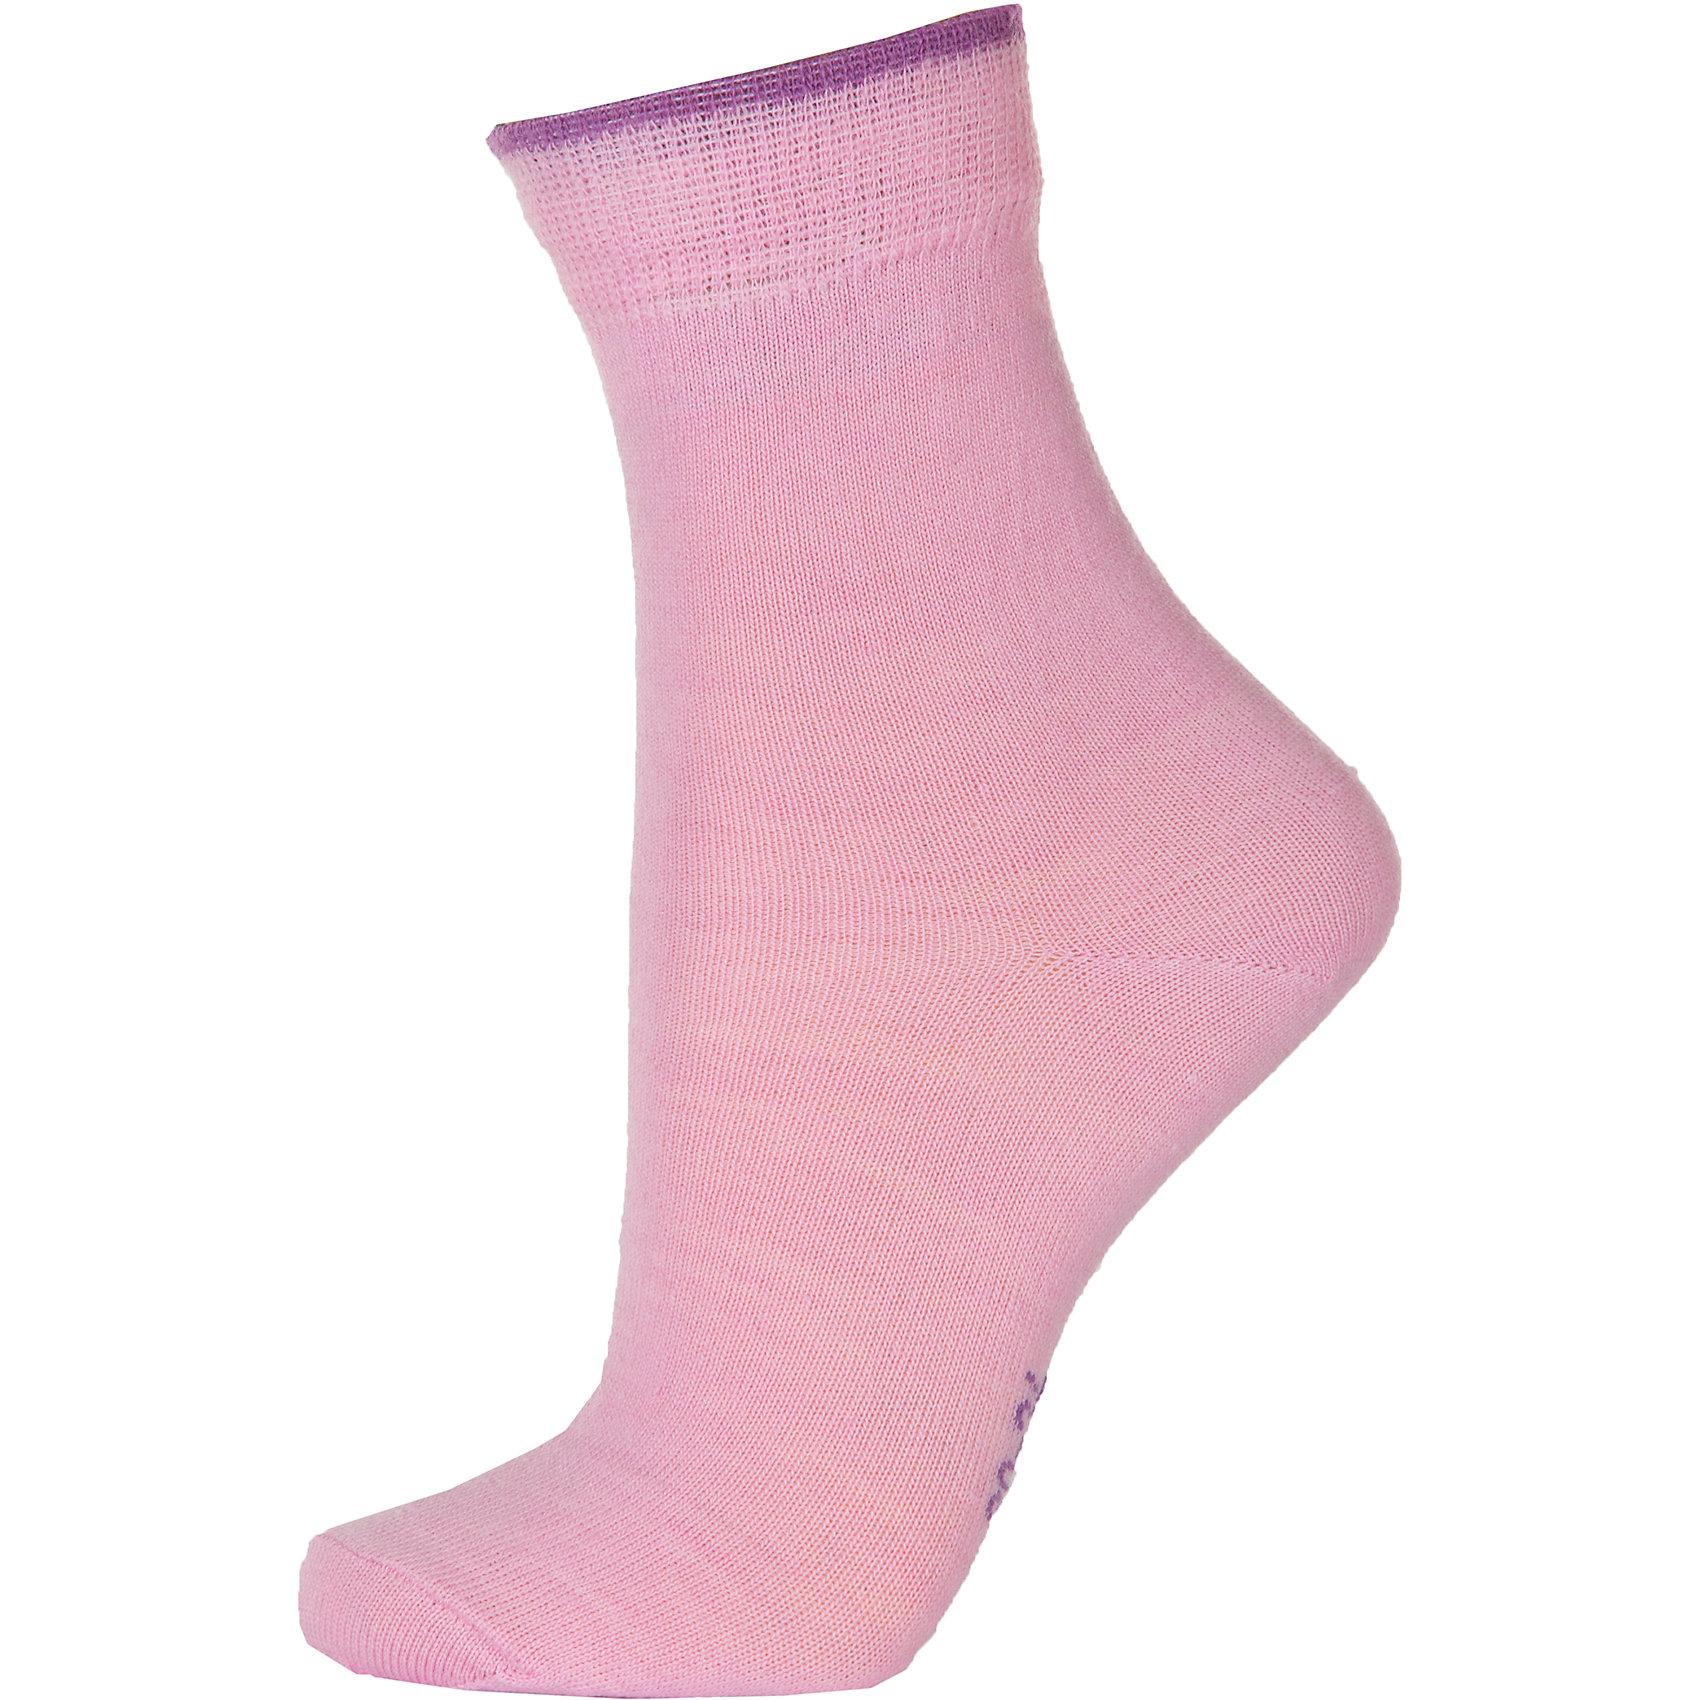 Носки: 2 пары  для девочки JanusФлис и термобелье<br>Носки: 2 пары  для девочки известной марки Janus.<br><br>Носки изготовлены из смеси натуральных и синтетических волокон, больше половины из которых составляет целебная гипоаллергенная шерсть мериноса.  Эта шерсть отлично пропускает воздух и впитывает влагу, выводя ее наружу,  поэтому и в холод,  и в более мягкую погоду малыш чувствует себя одинаково комфортно. Его ножки остаются теплыми и сухими и дома, и  даже при длительных играх на улице.  Синтетические нити лишь добавляют носочкам прочности и износостойкости.<br><br>Состав: 68% шерсть, 30% полиамид, 2% эластан<br><br>Ширина мм: 87<br>Глубина мм: 10<br>Высота мм: 105<br>Вес г: 115<br>Цвет: розовый<br>Возраст от месяцев: 132<br>Возраст до месяцев: 168<br>Пол: Женский<br>Возраст: Детский<br>Размер: 35-39,30-34,20-24,25-29<br>SKU: 4913745